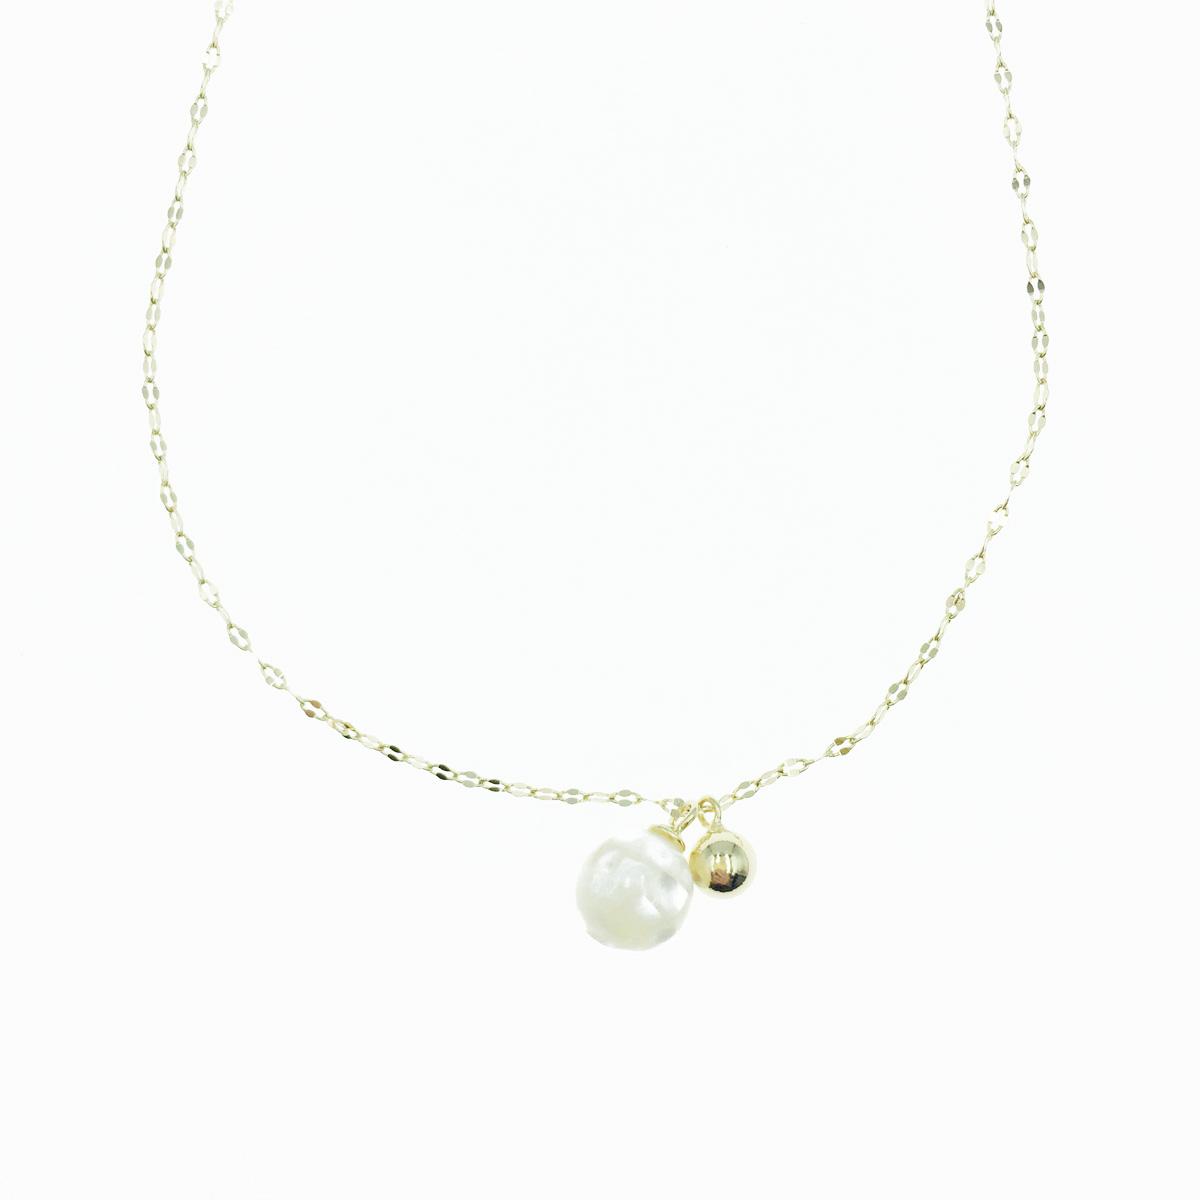 韓國 925純銀 小金珠 墜飾 金色 項鍊